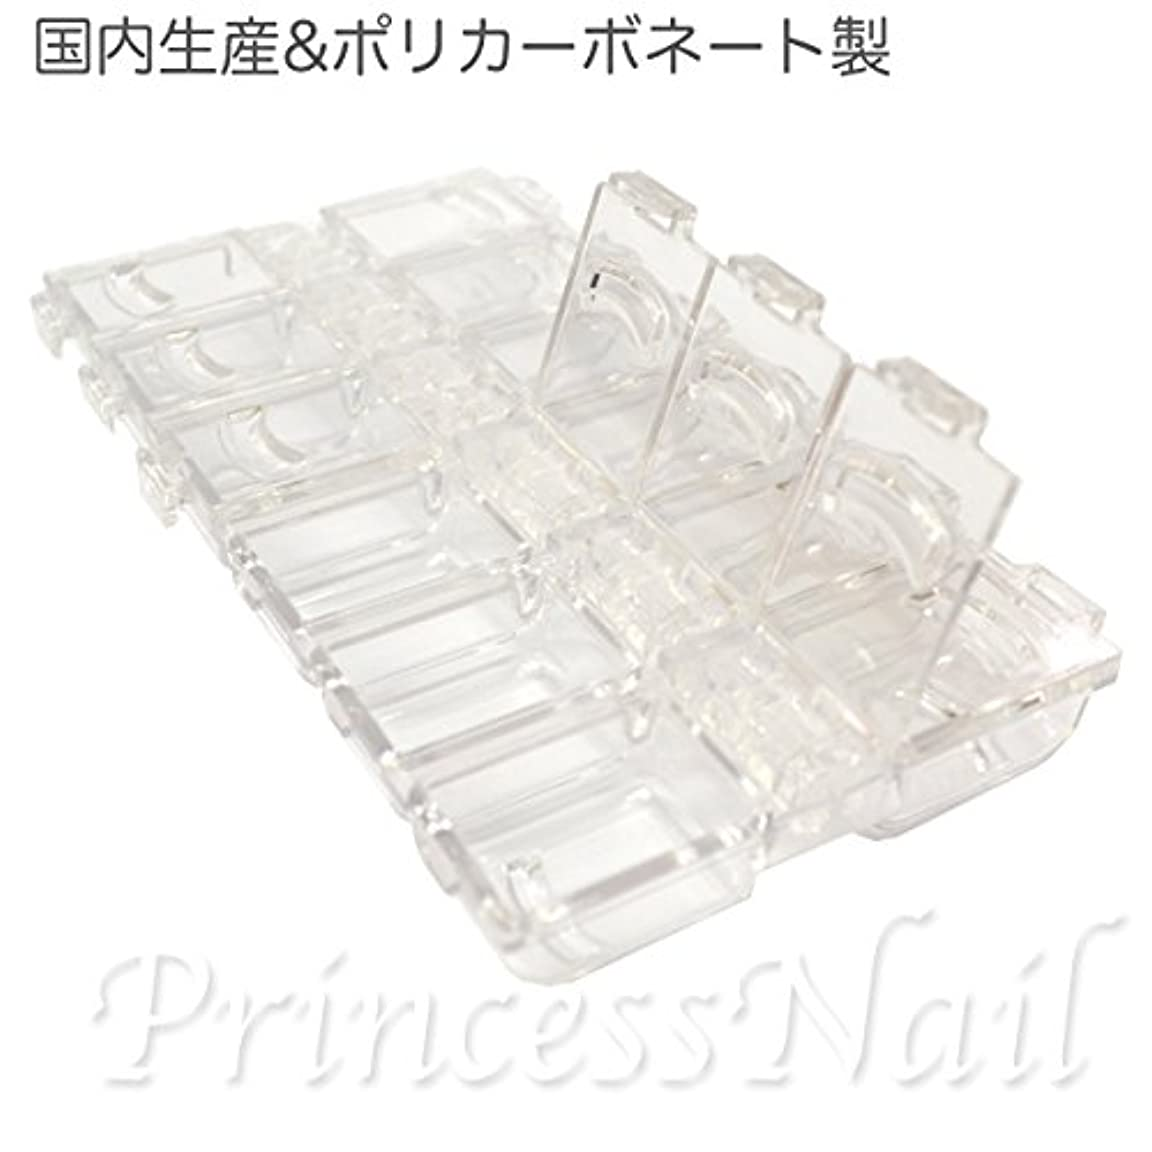 看板恵み白菜国産 ポリカーボネート 製の ネイル パーツ ケース 12 格子 蓋付ケース!高い透明度 の ネイルパーツケース